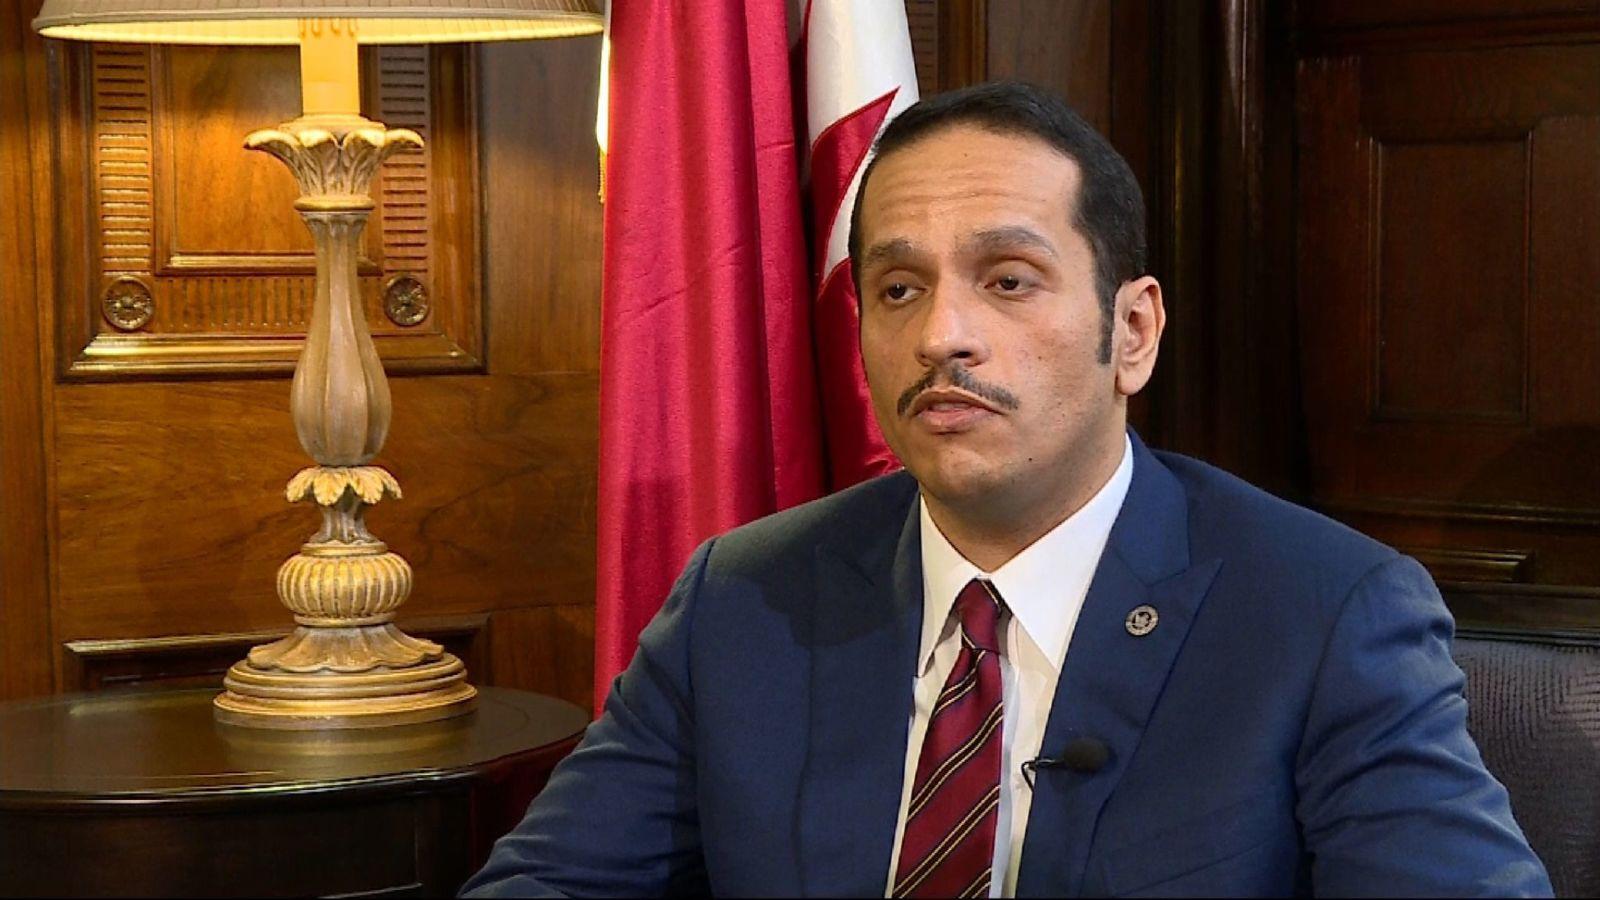 Mohammed Al-Thani dit que le Qatar est une force de stabilité au Moyen-Orient